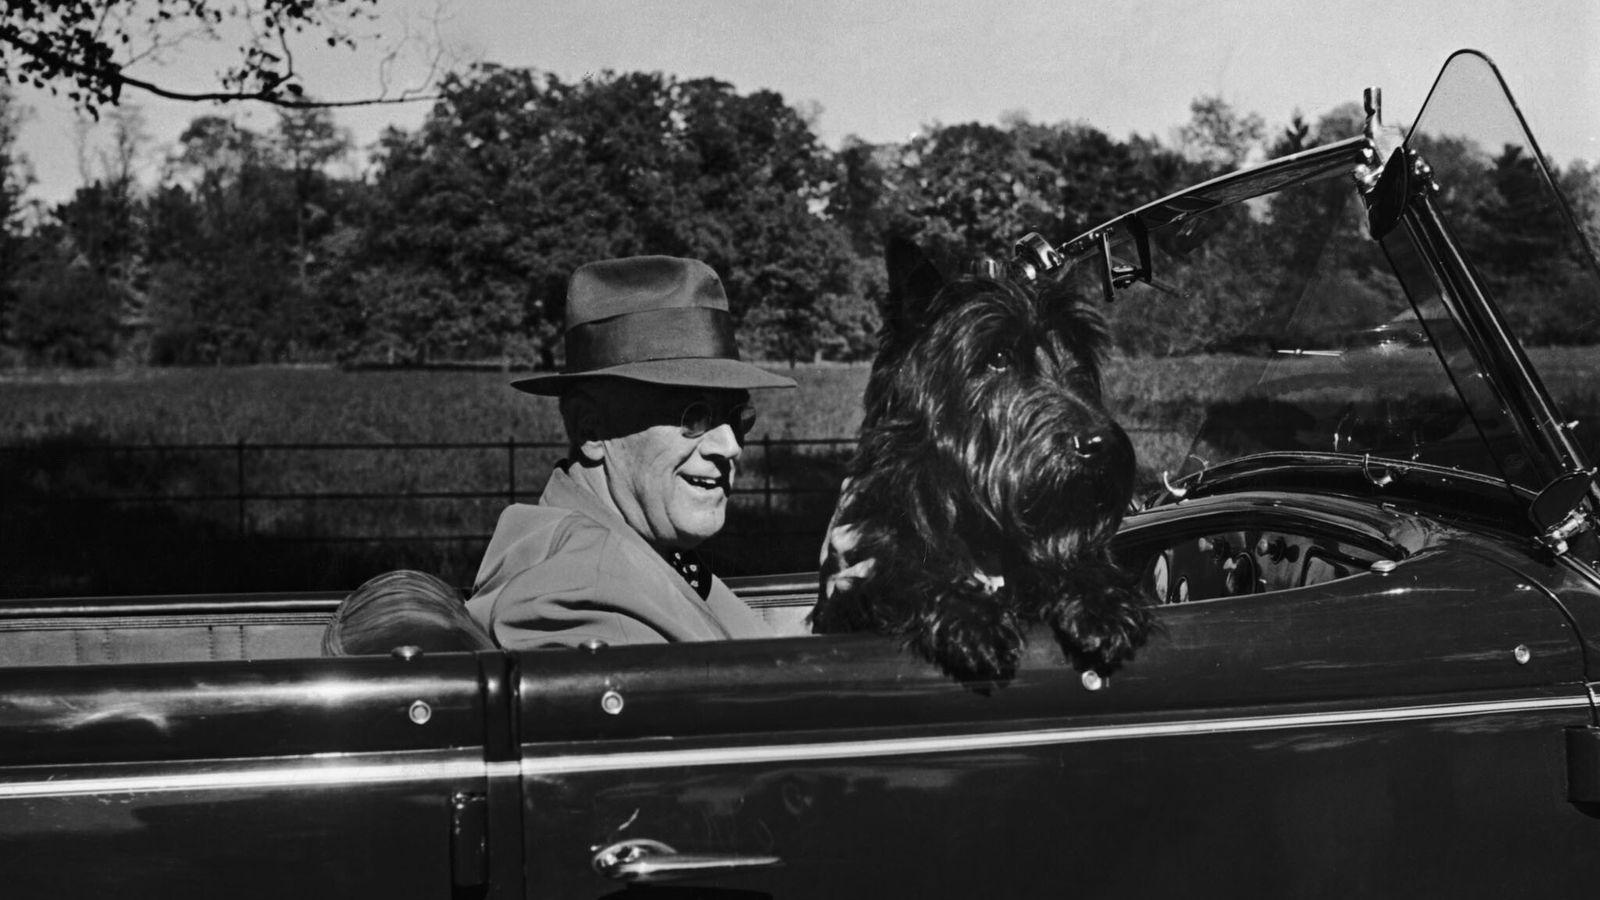 O Presidente Franklin D. Roosevelt a conduzir em Hyde Park, Nova Iorque, com o seu cão ...